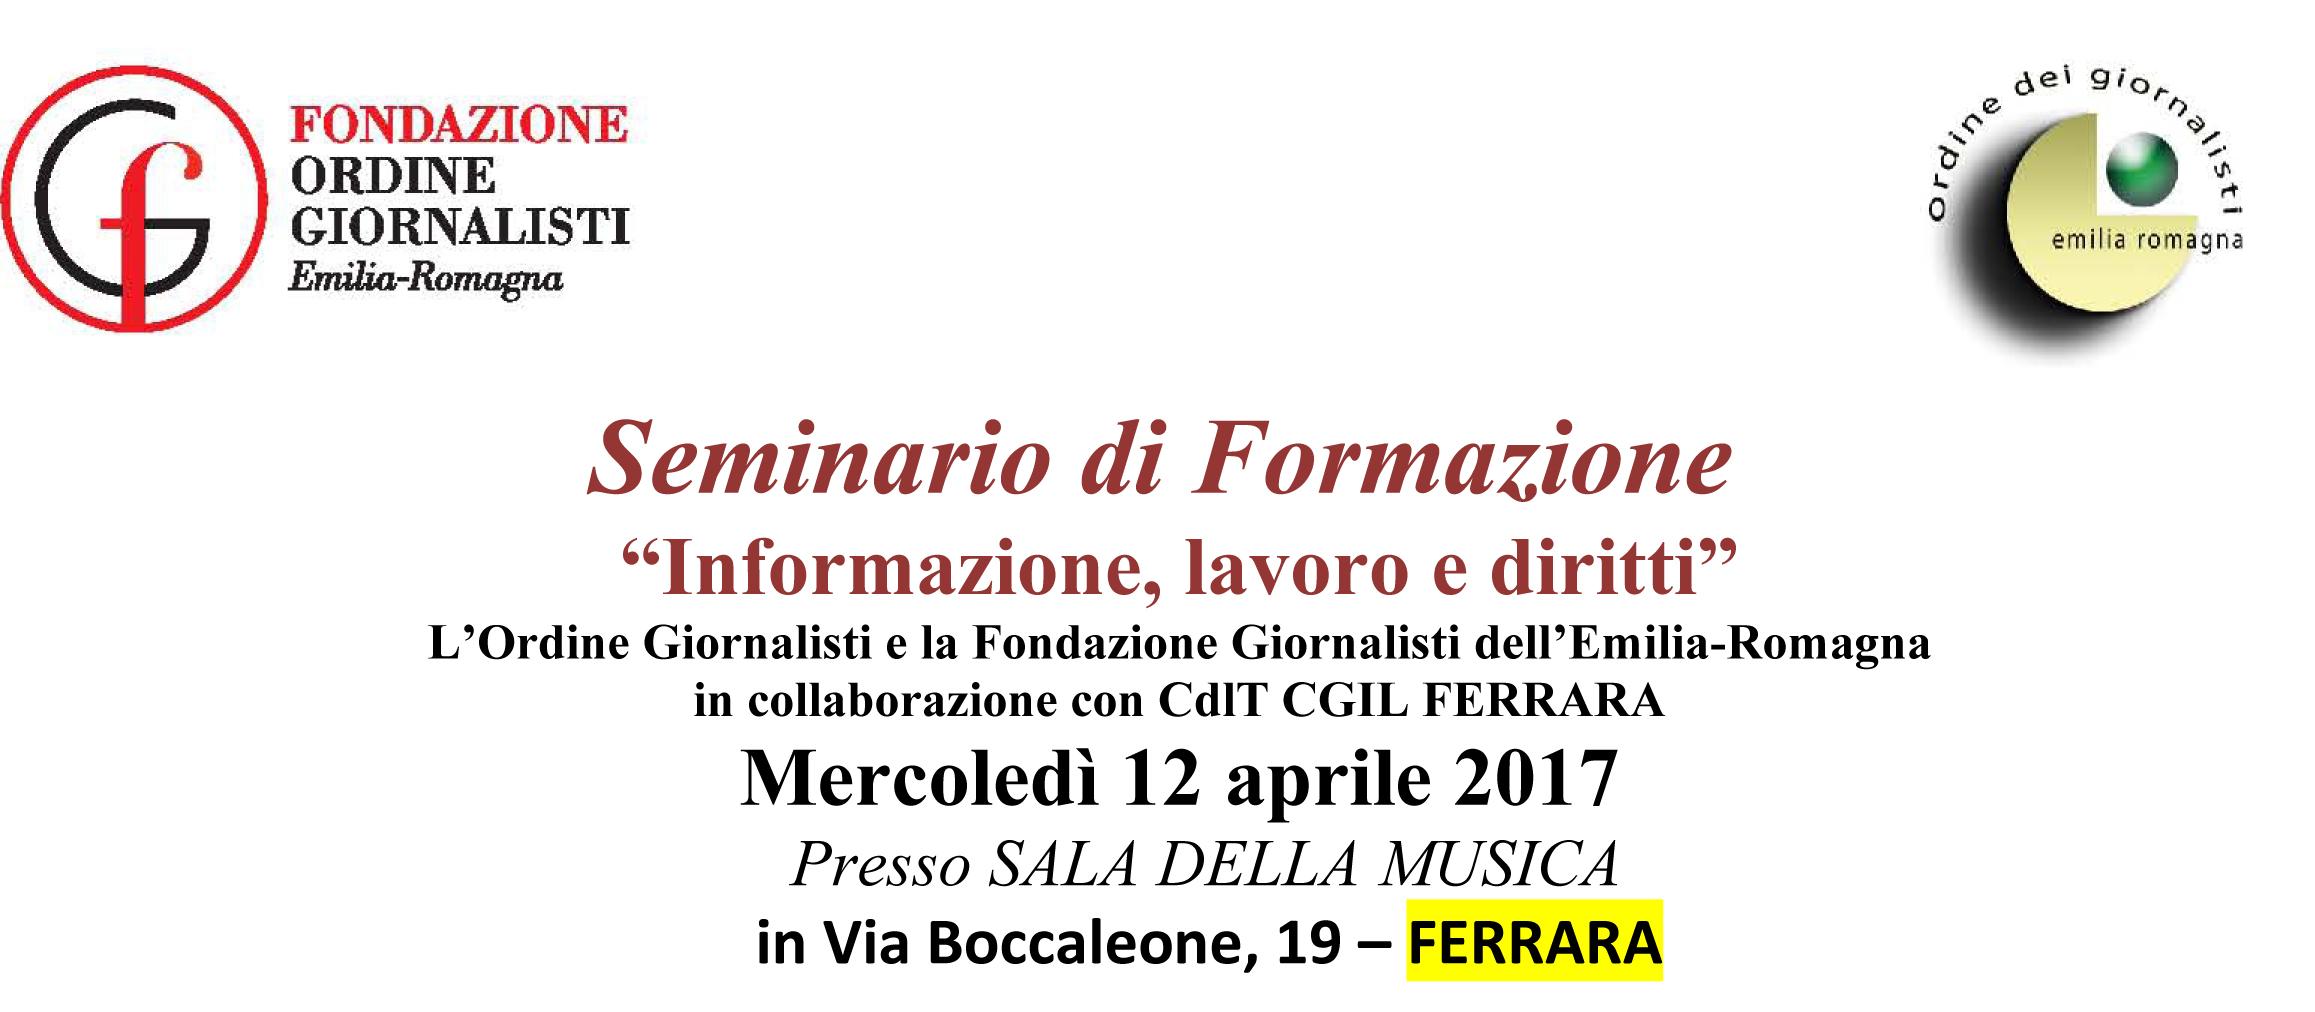 Informazione, lavoro e diritti. Seminario di formazione mercoledì 12 aprile